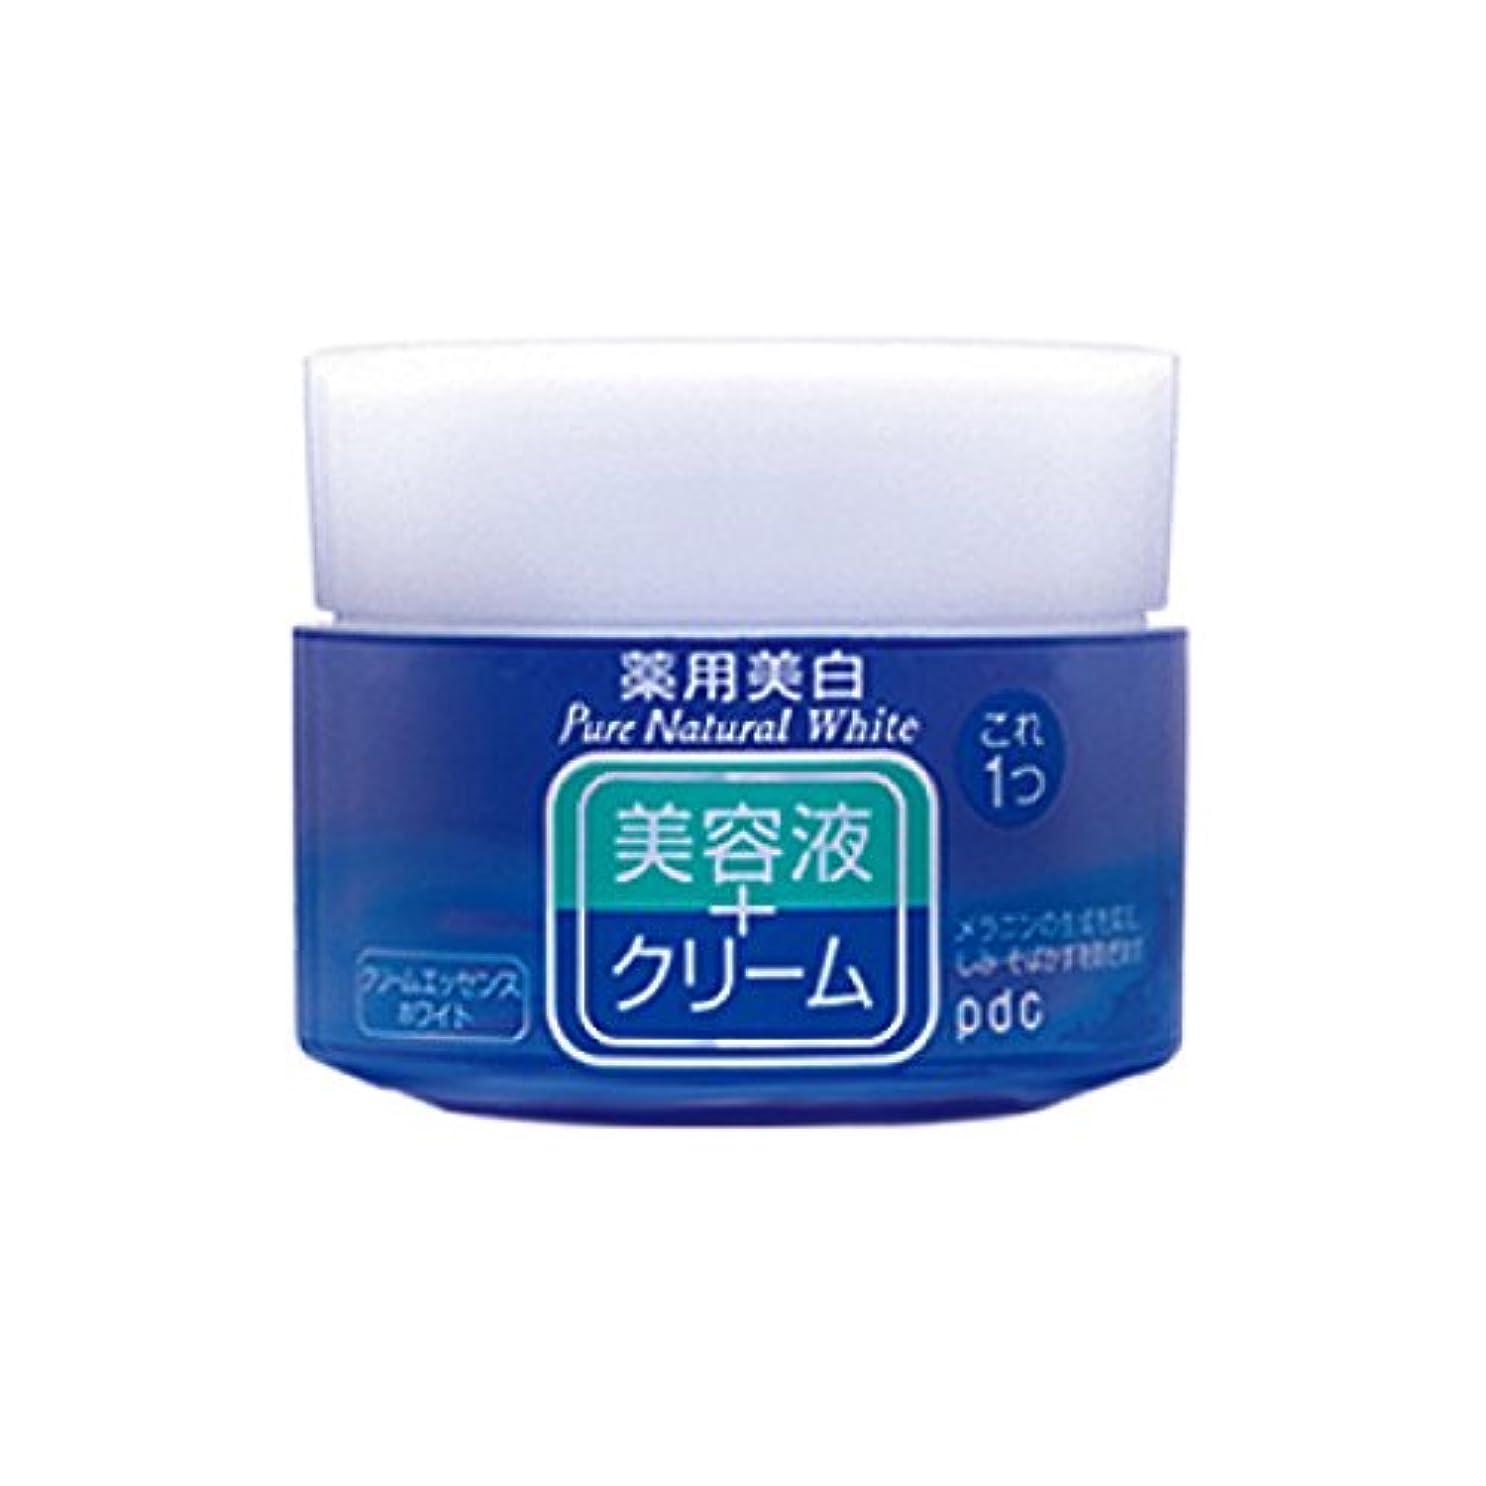 人種暖かく不利益Pure NATURAL(ピュアナチュラル) クリームエッセンス ホワイト 100g (医薬部外品)